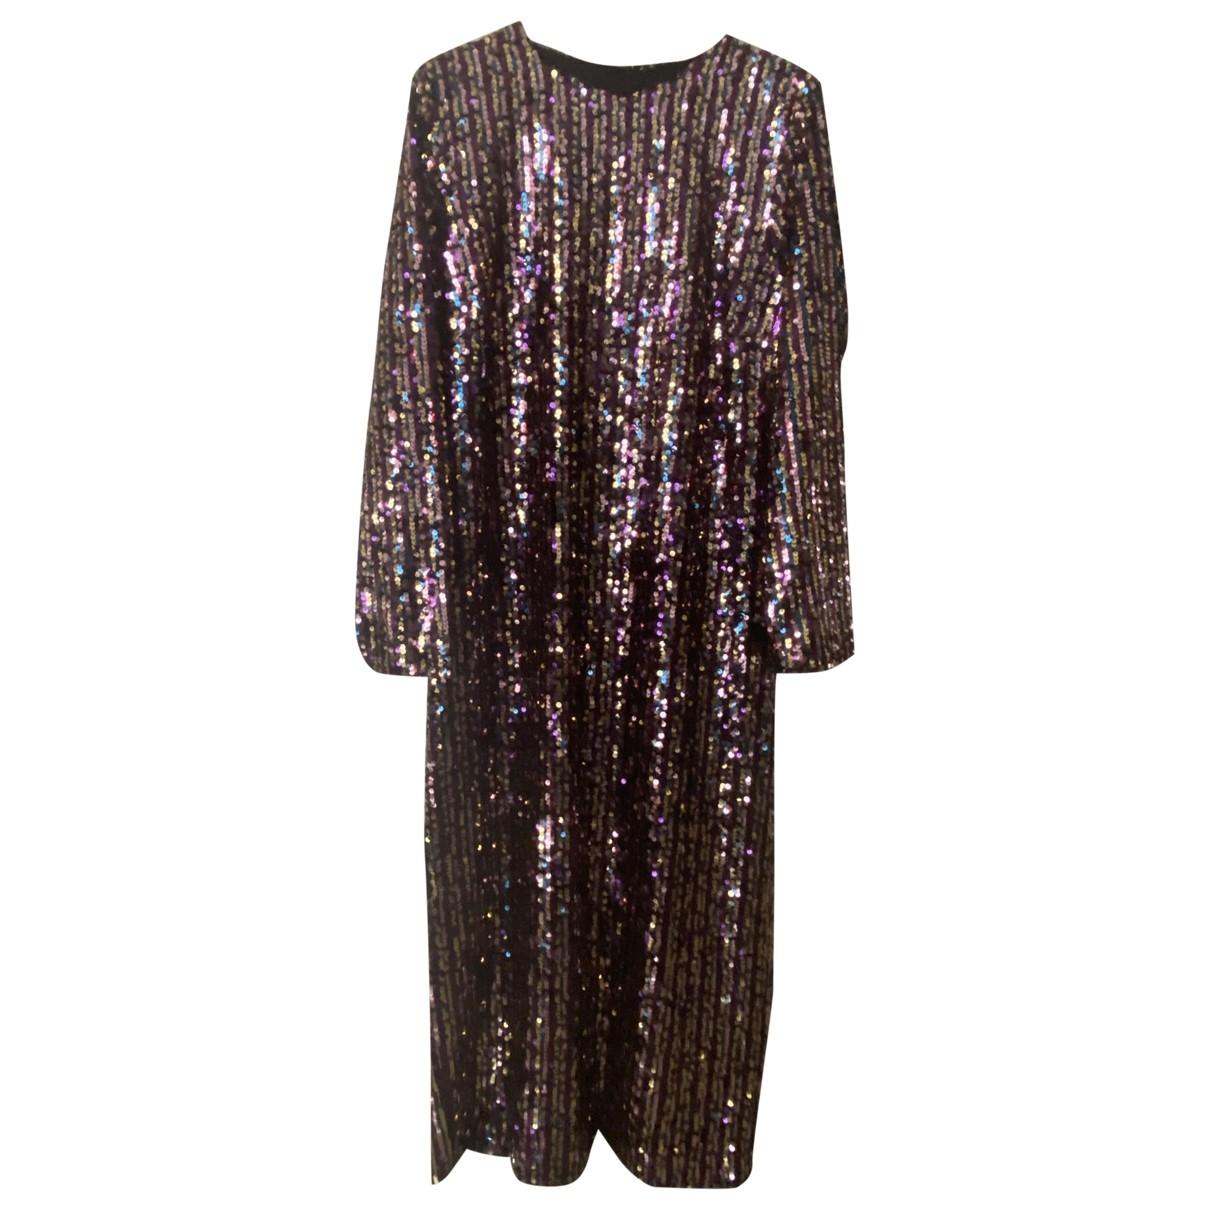 Zara \N Kleid in  Bunt Mit Pailletten